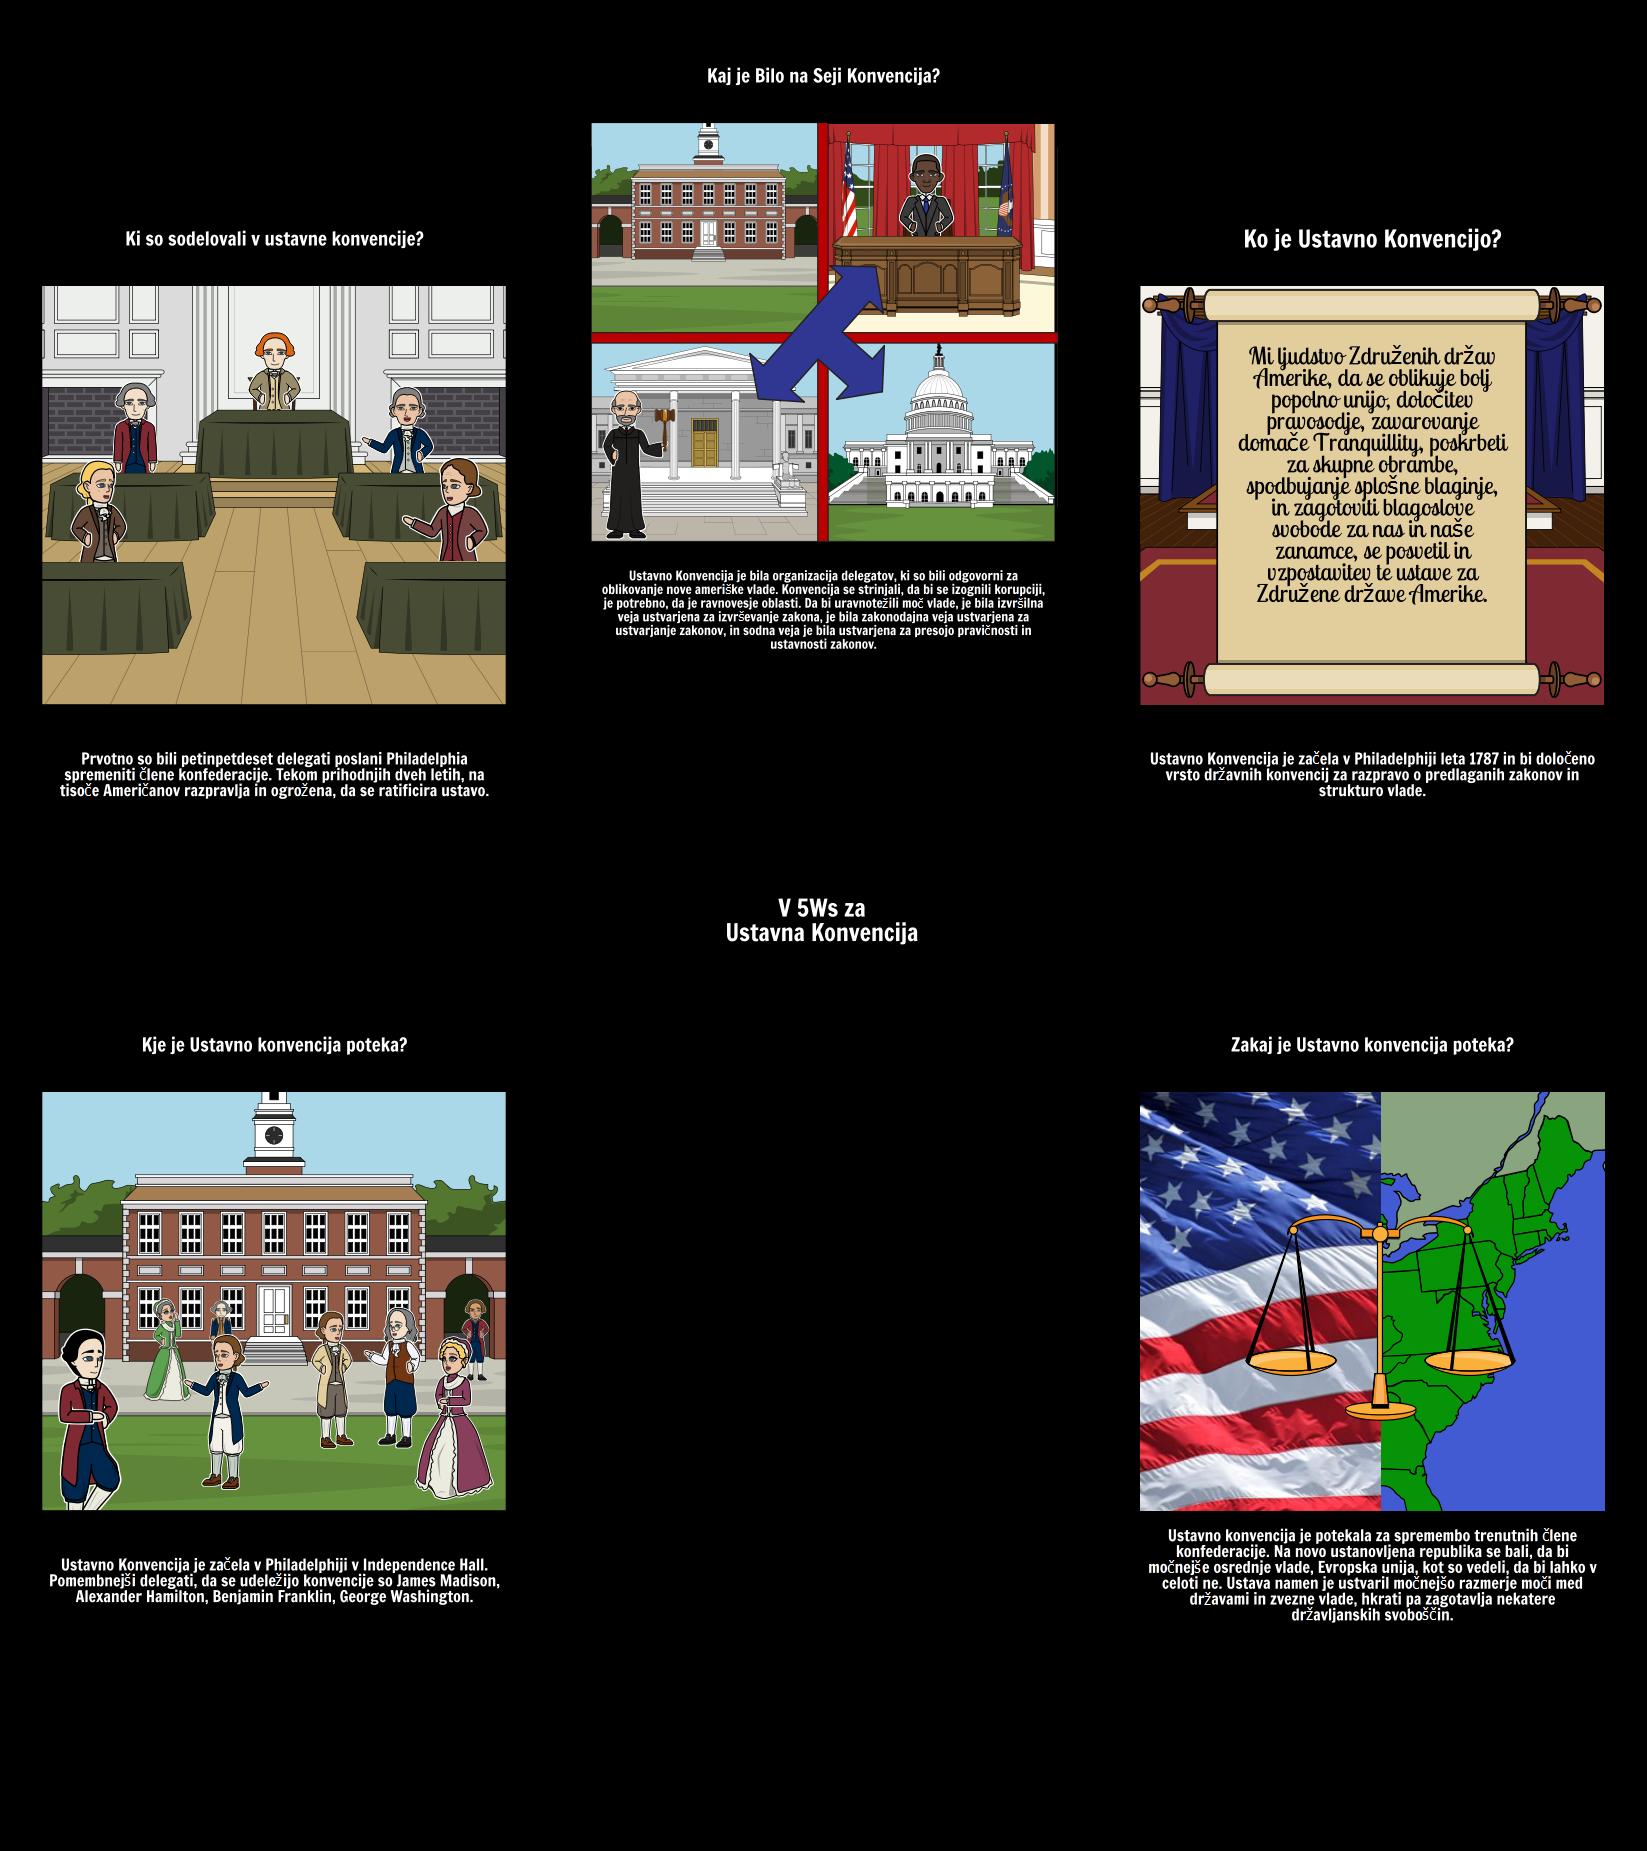 5Ws Ustavne Konvencije